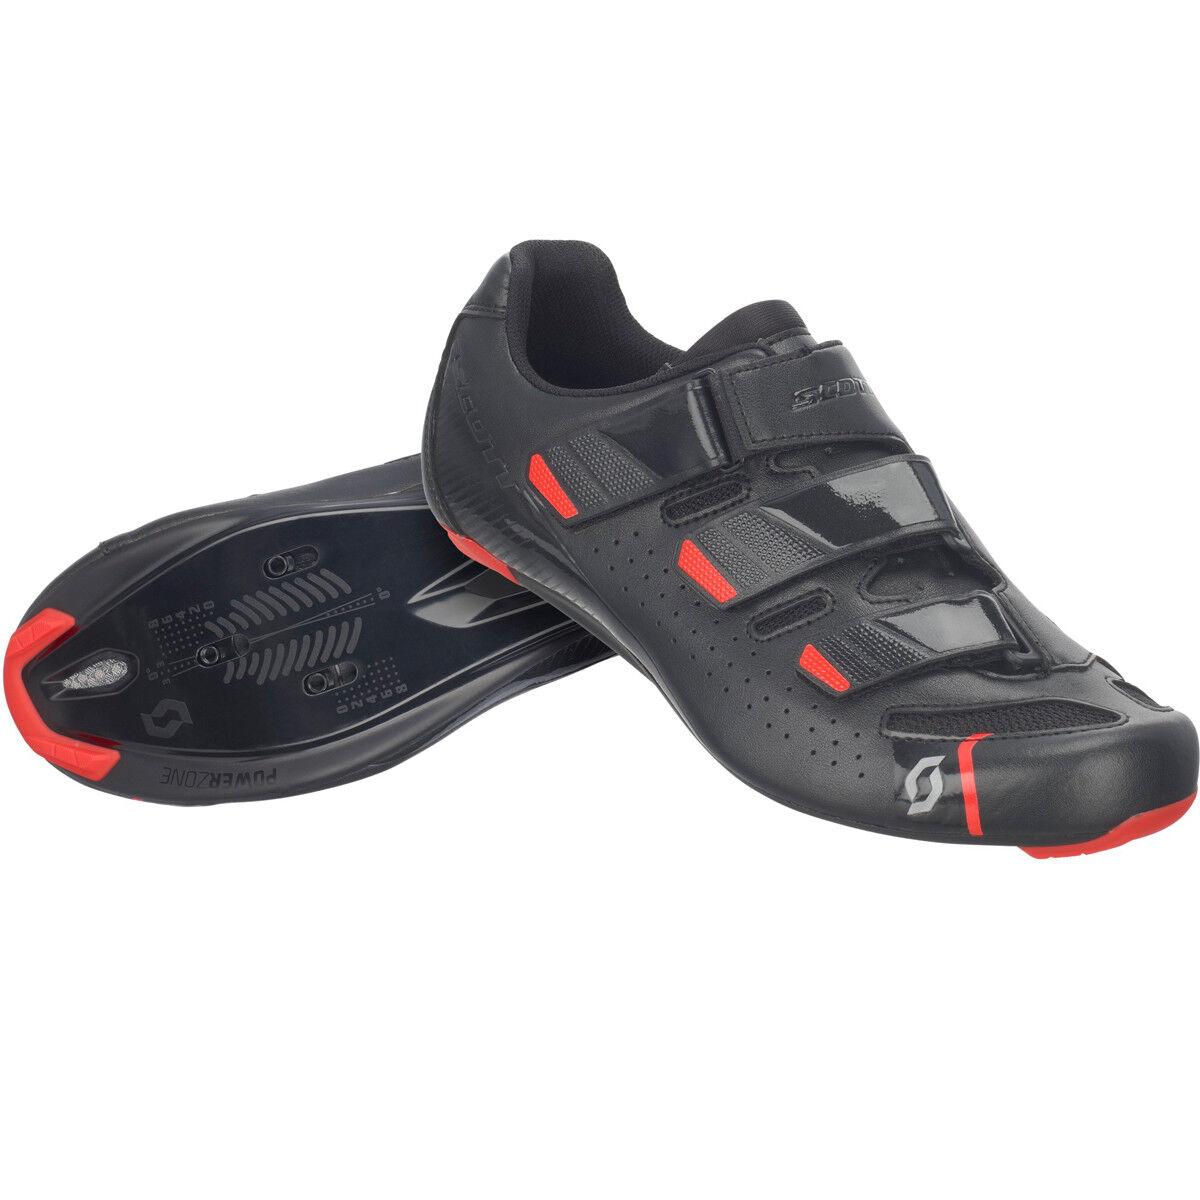 Scott Road Comp Rennrad Fahrrad Schuhe schwarz rot 2019